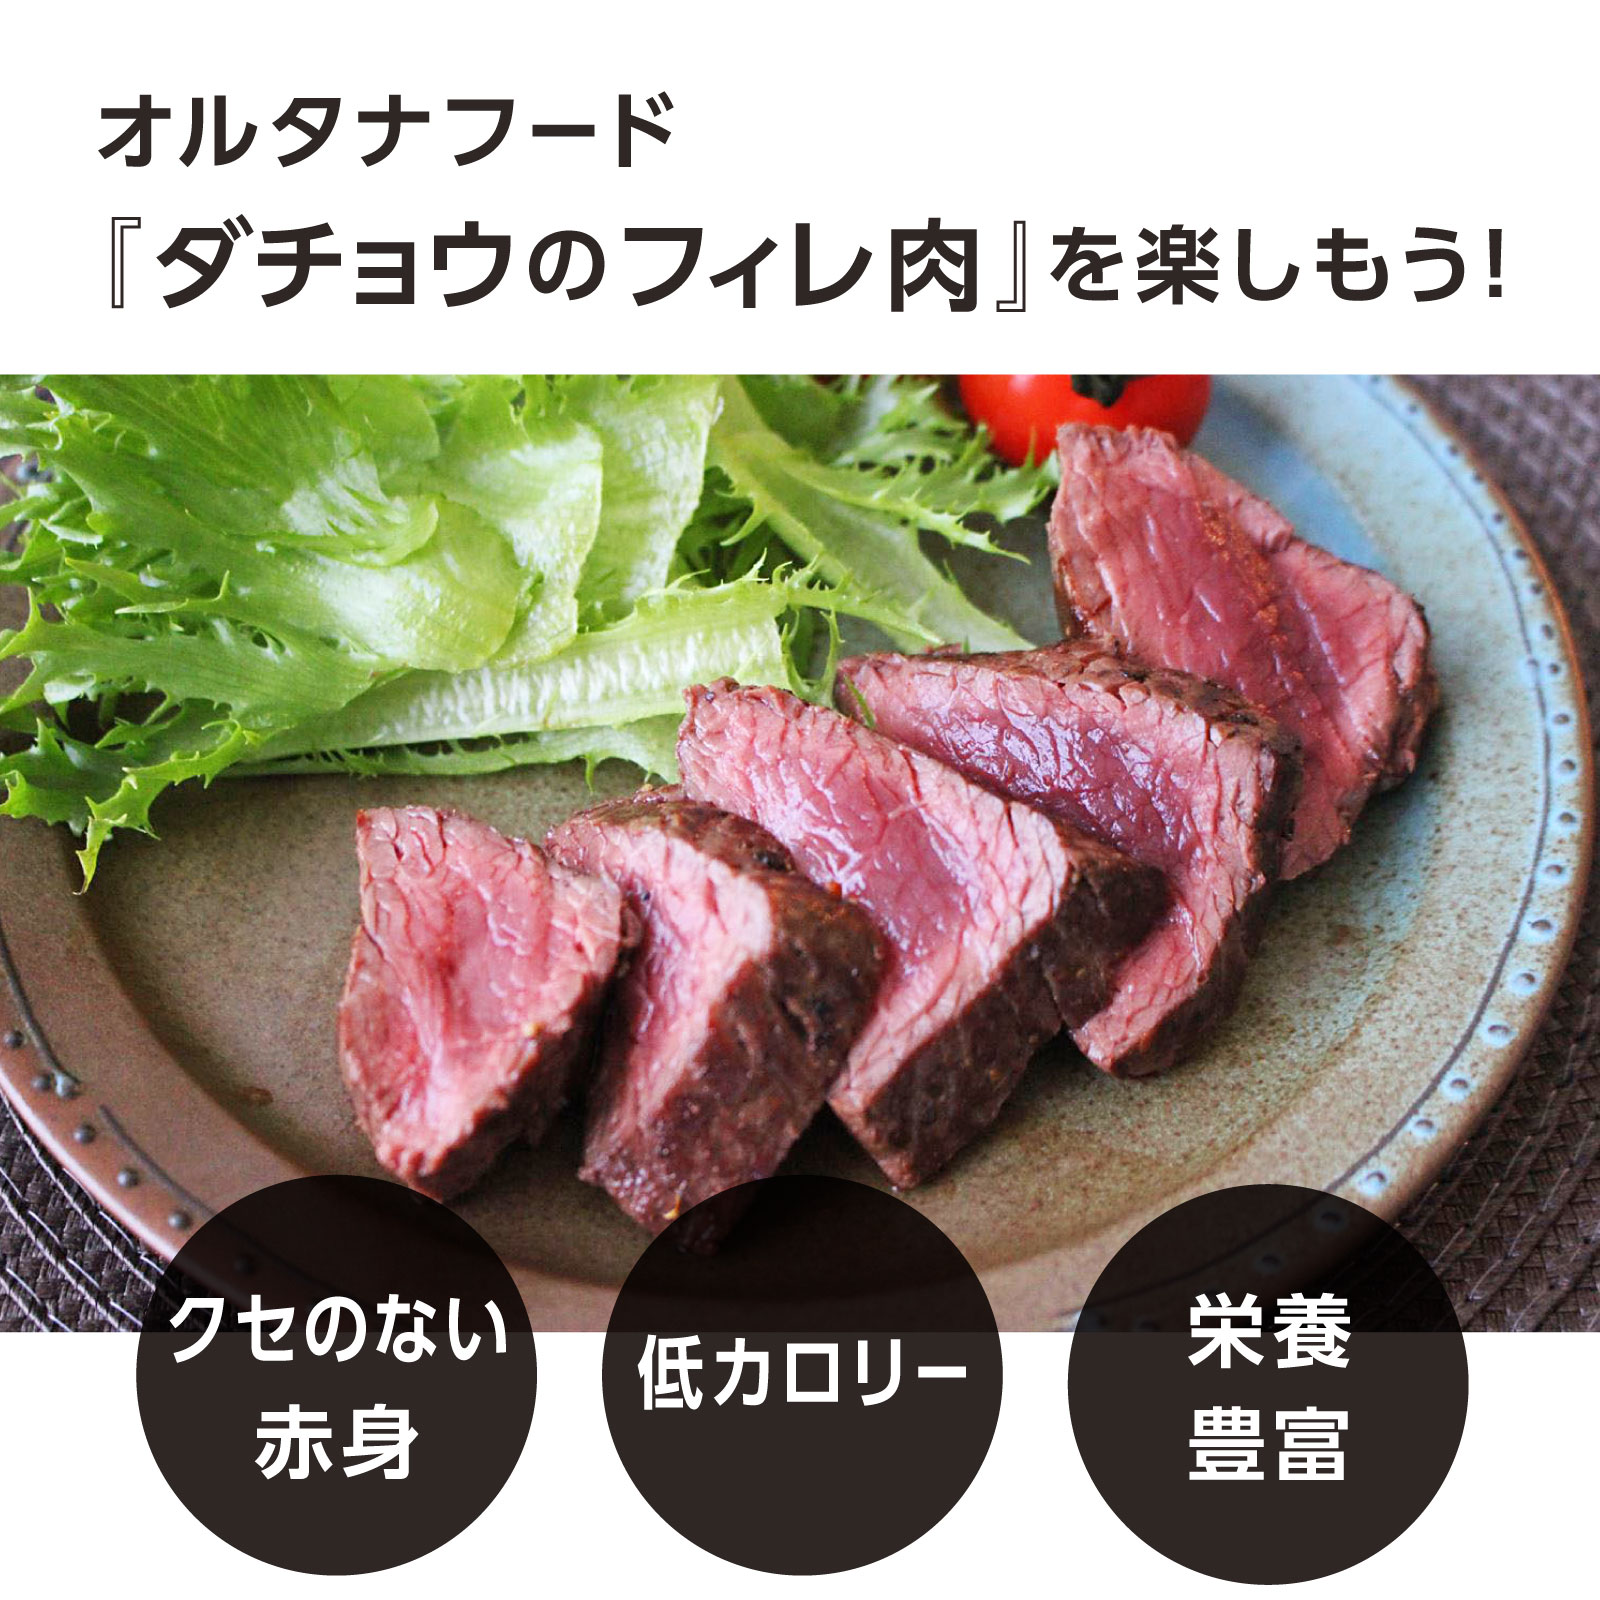 NHKで紹介!クイーンズオーストリッチ&ジビエの茨城県産ダチョウ肉フィレ600g